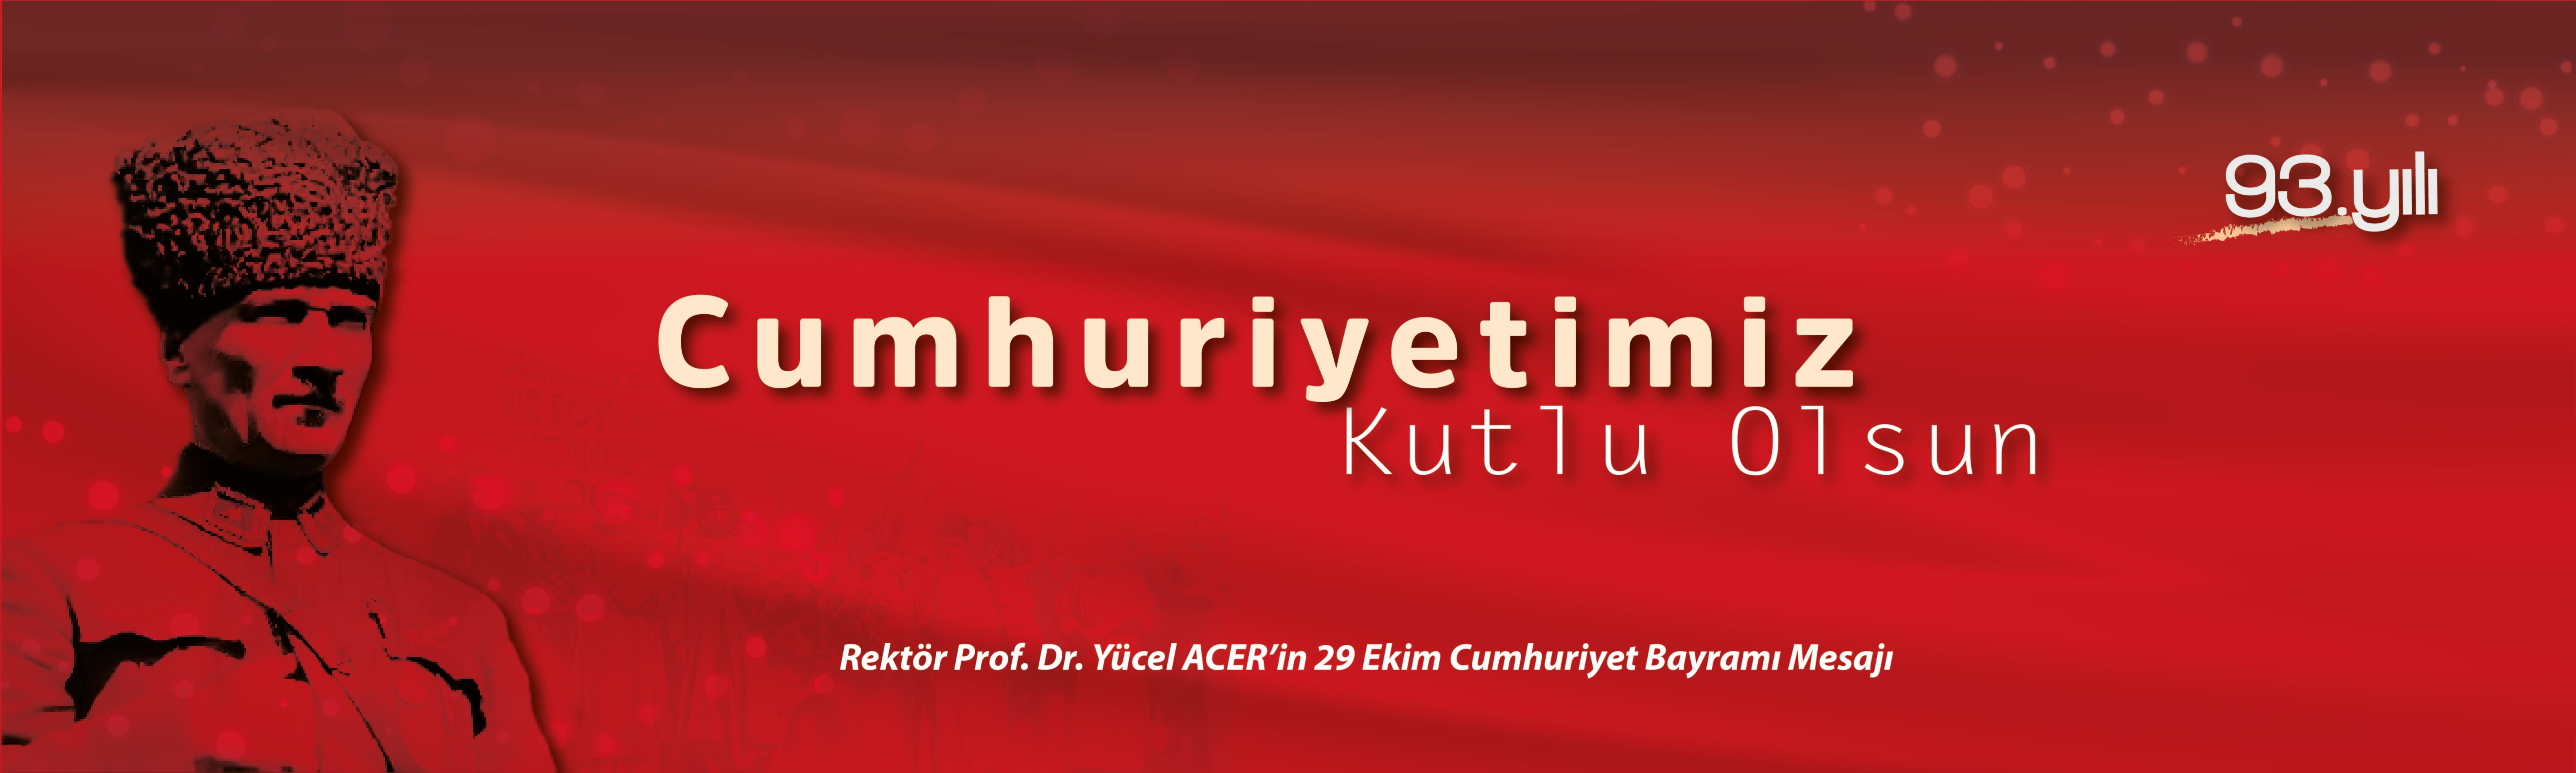 Rektör Prof. Dr. Acer'in Cumhuriyet Bayramı Mesajı